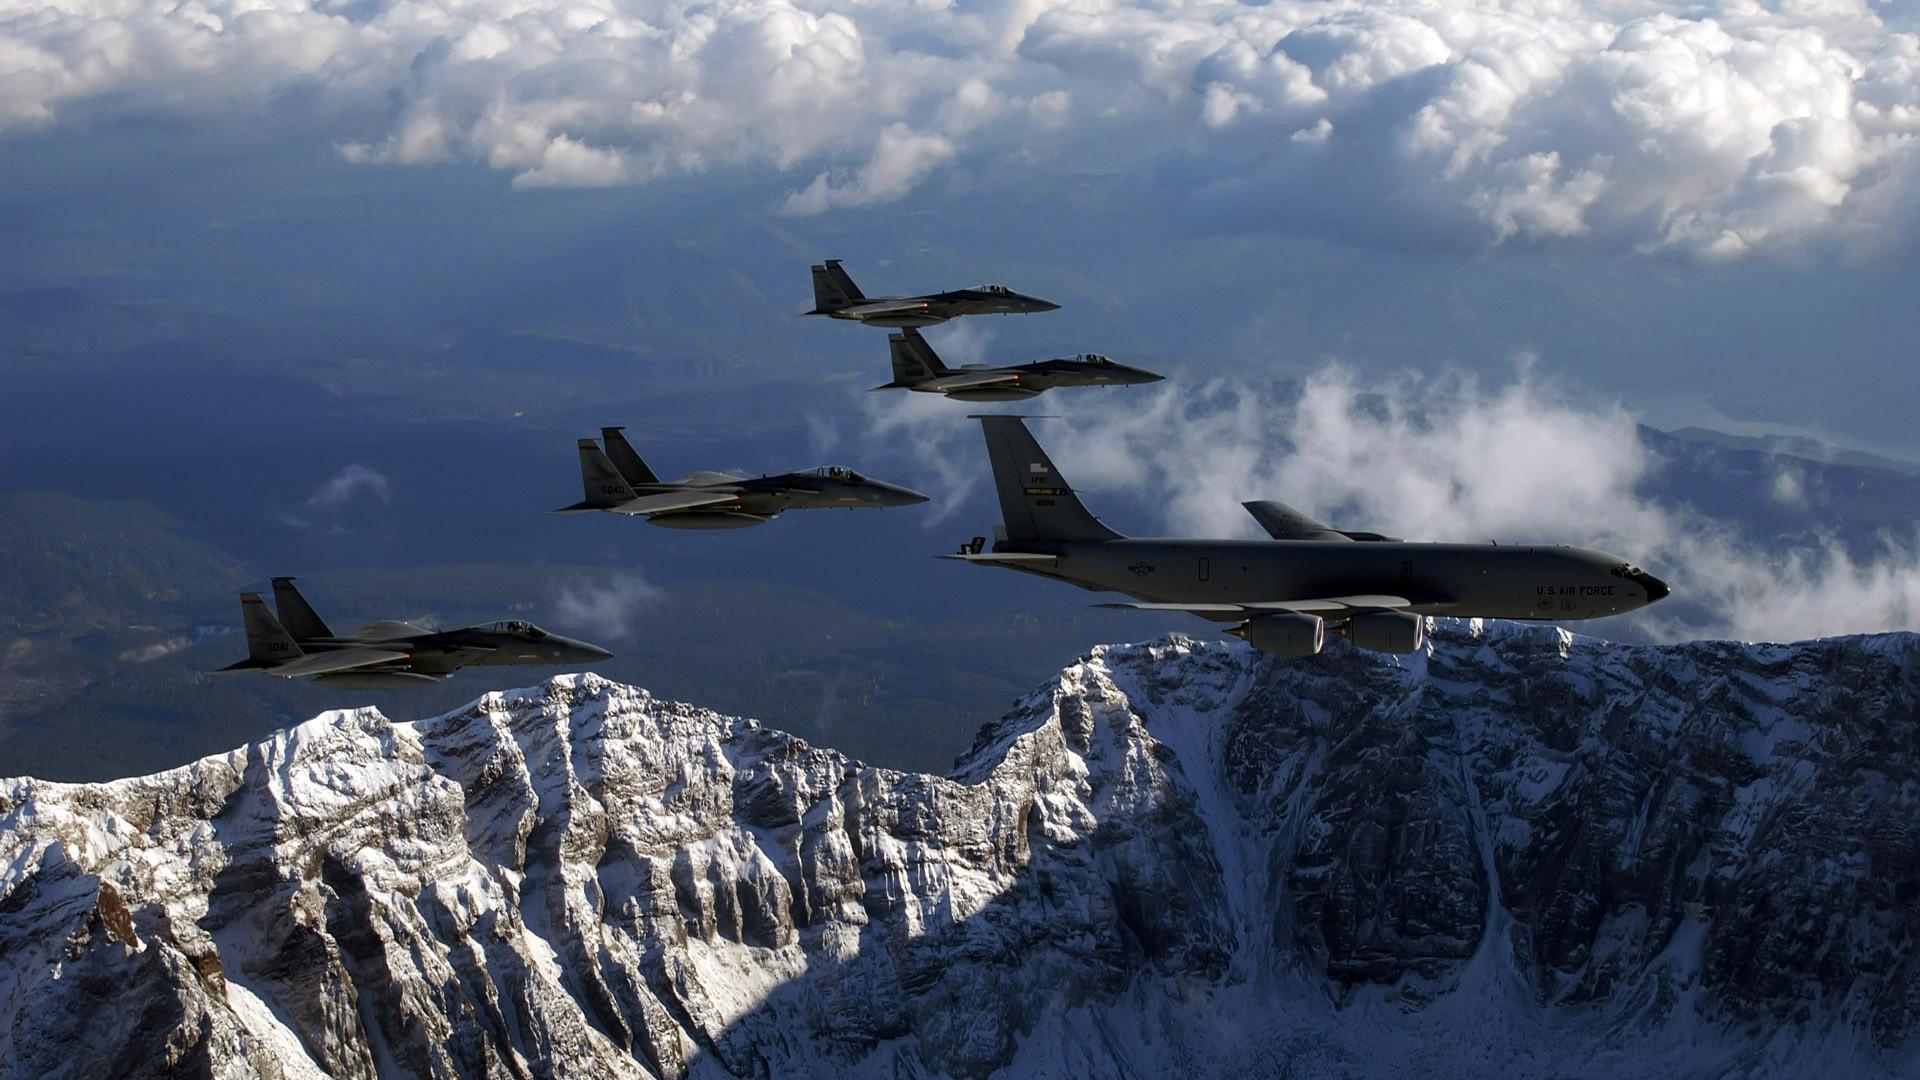 Air force wallpaper and backgrounds wallpapersafari - Air wallpaper hd ...